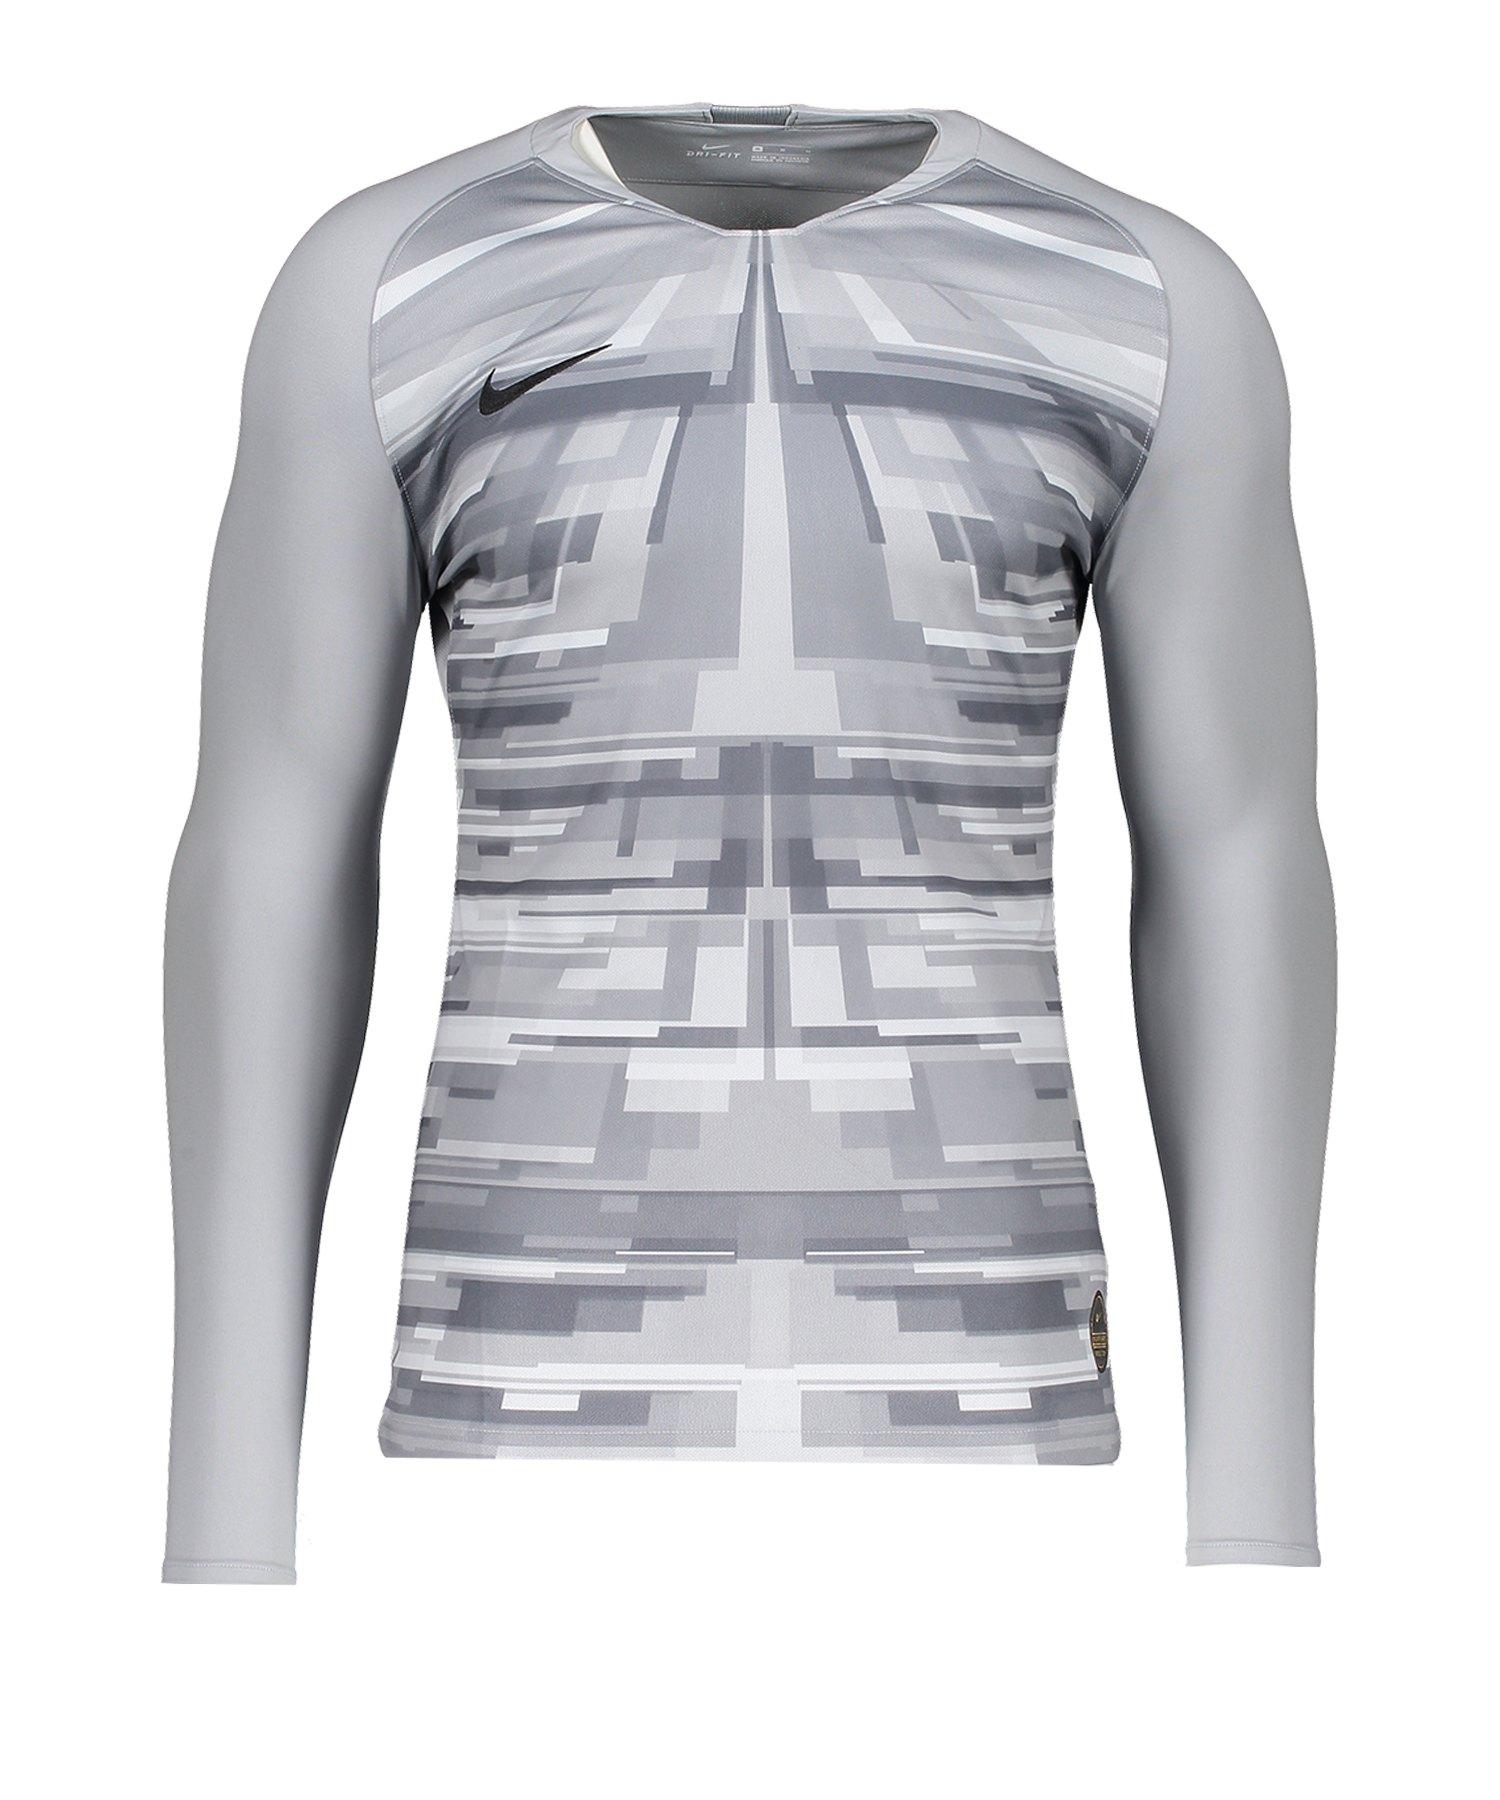 Nike Promo GK-Jersey LS Grau Schwarz F012 - grau